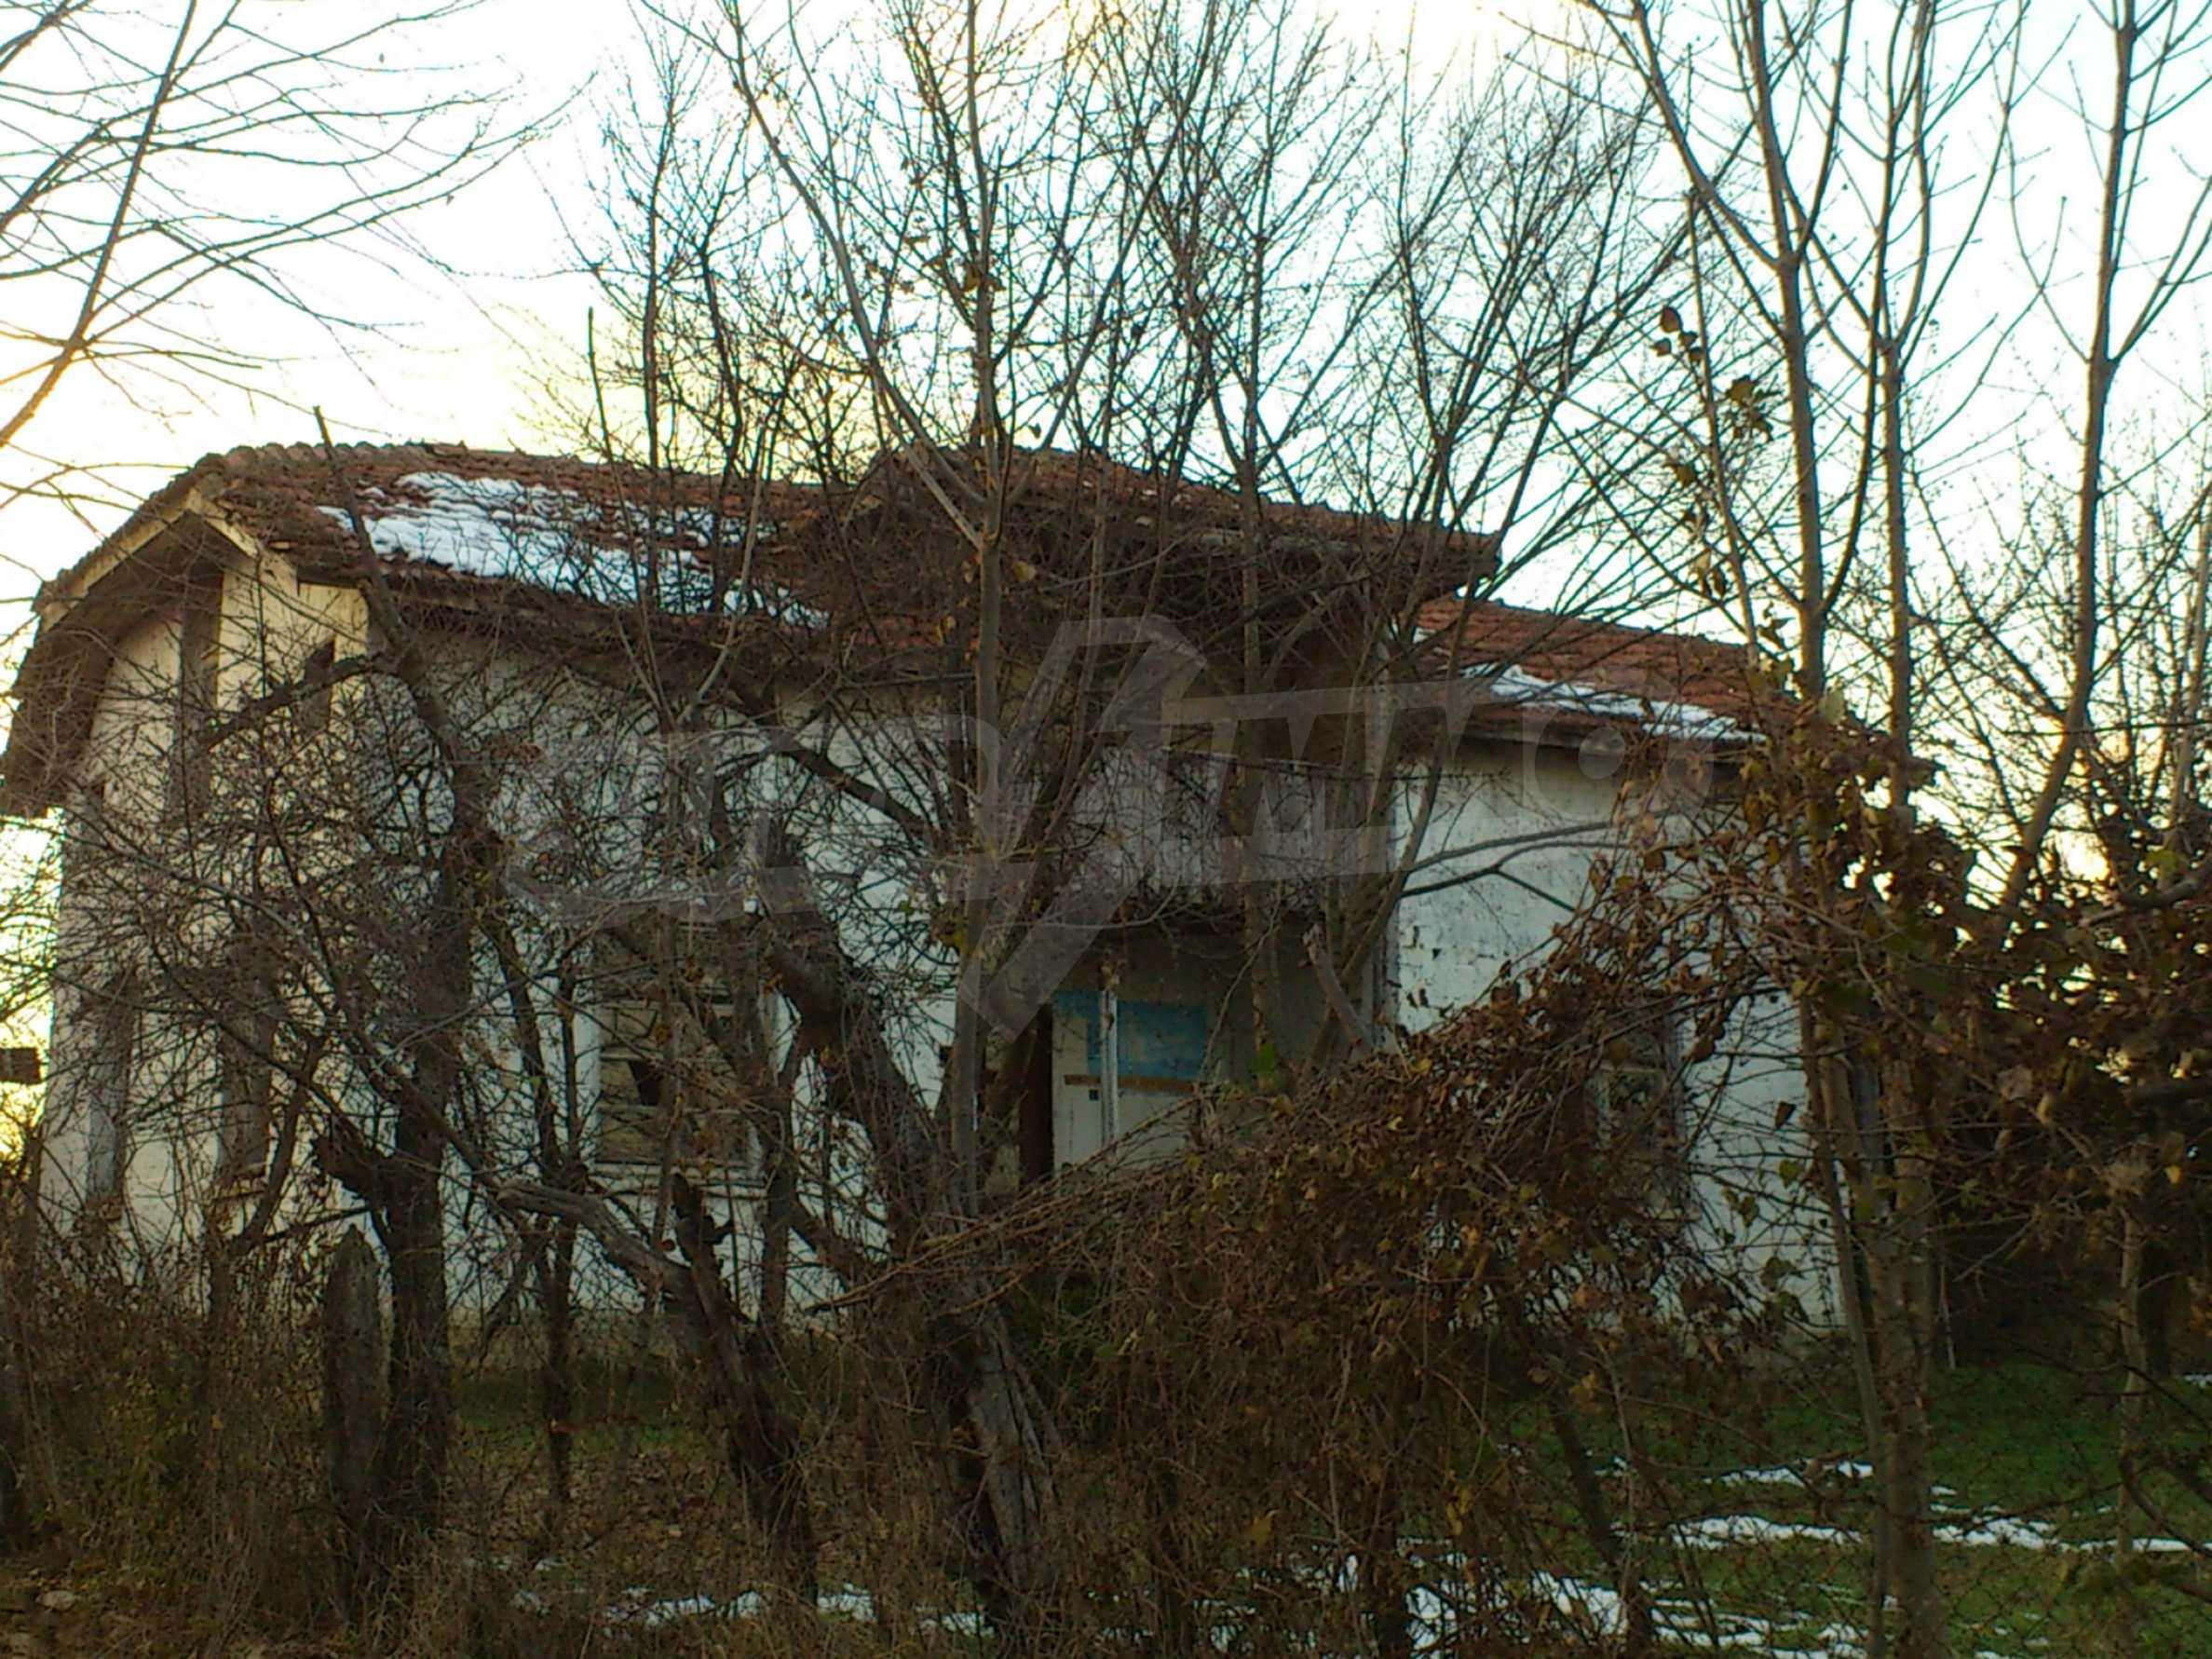 Altes Haus in einem Bergdorf, 20 km von der Stadt Sevlievo entfernt 10